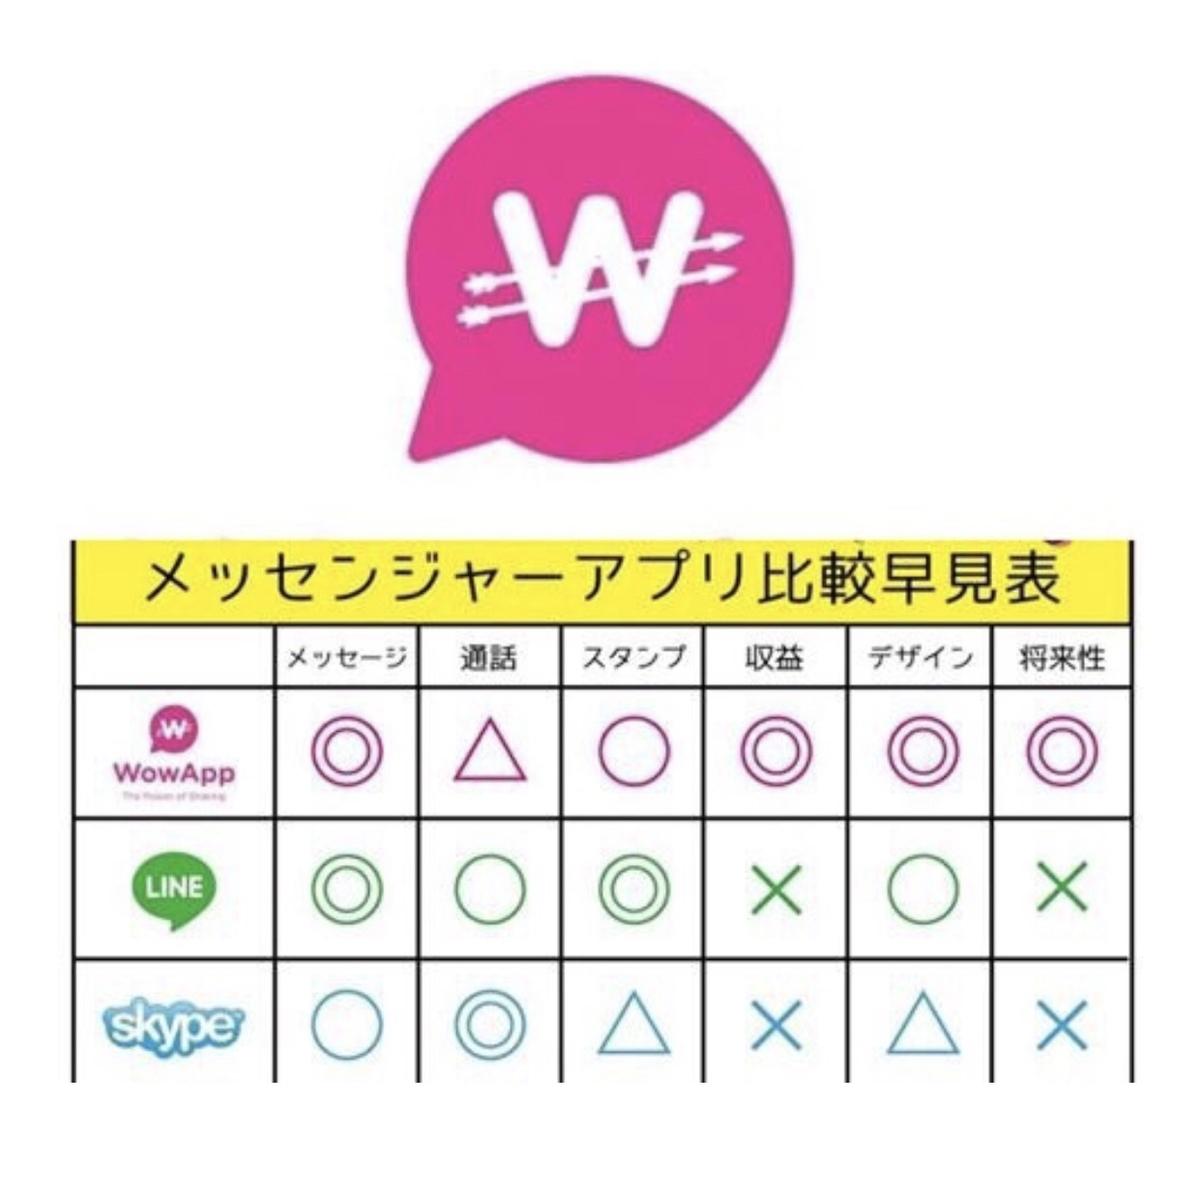 f:id:kaoruikeda:20200916182753j:plain